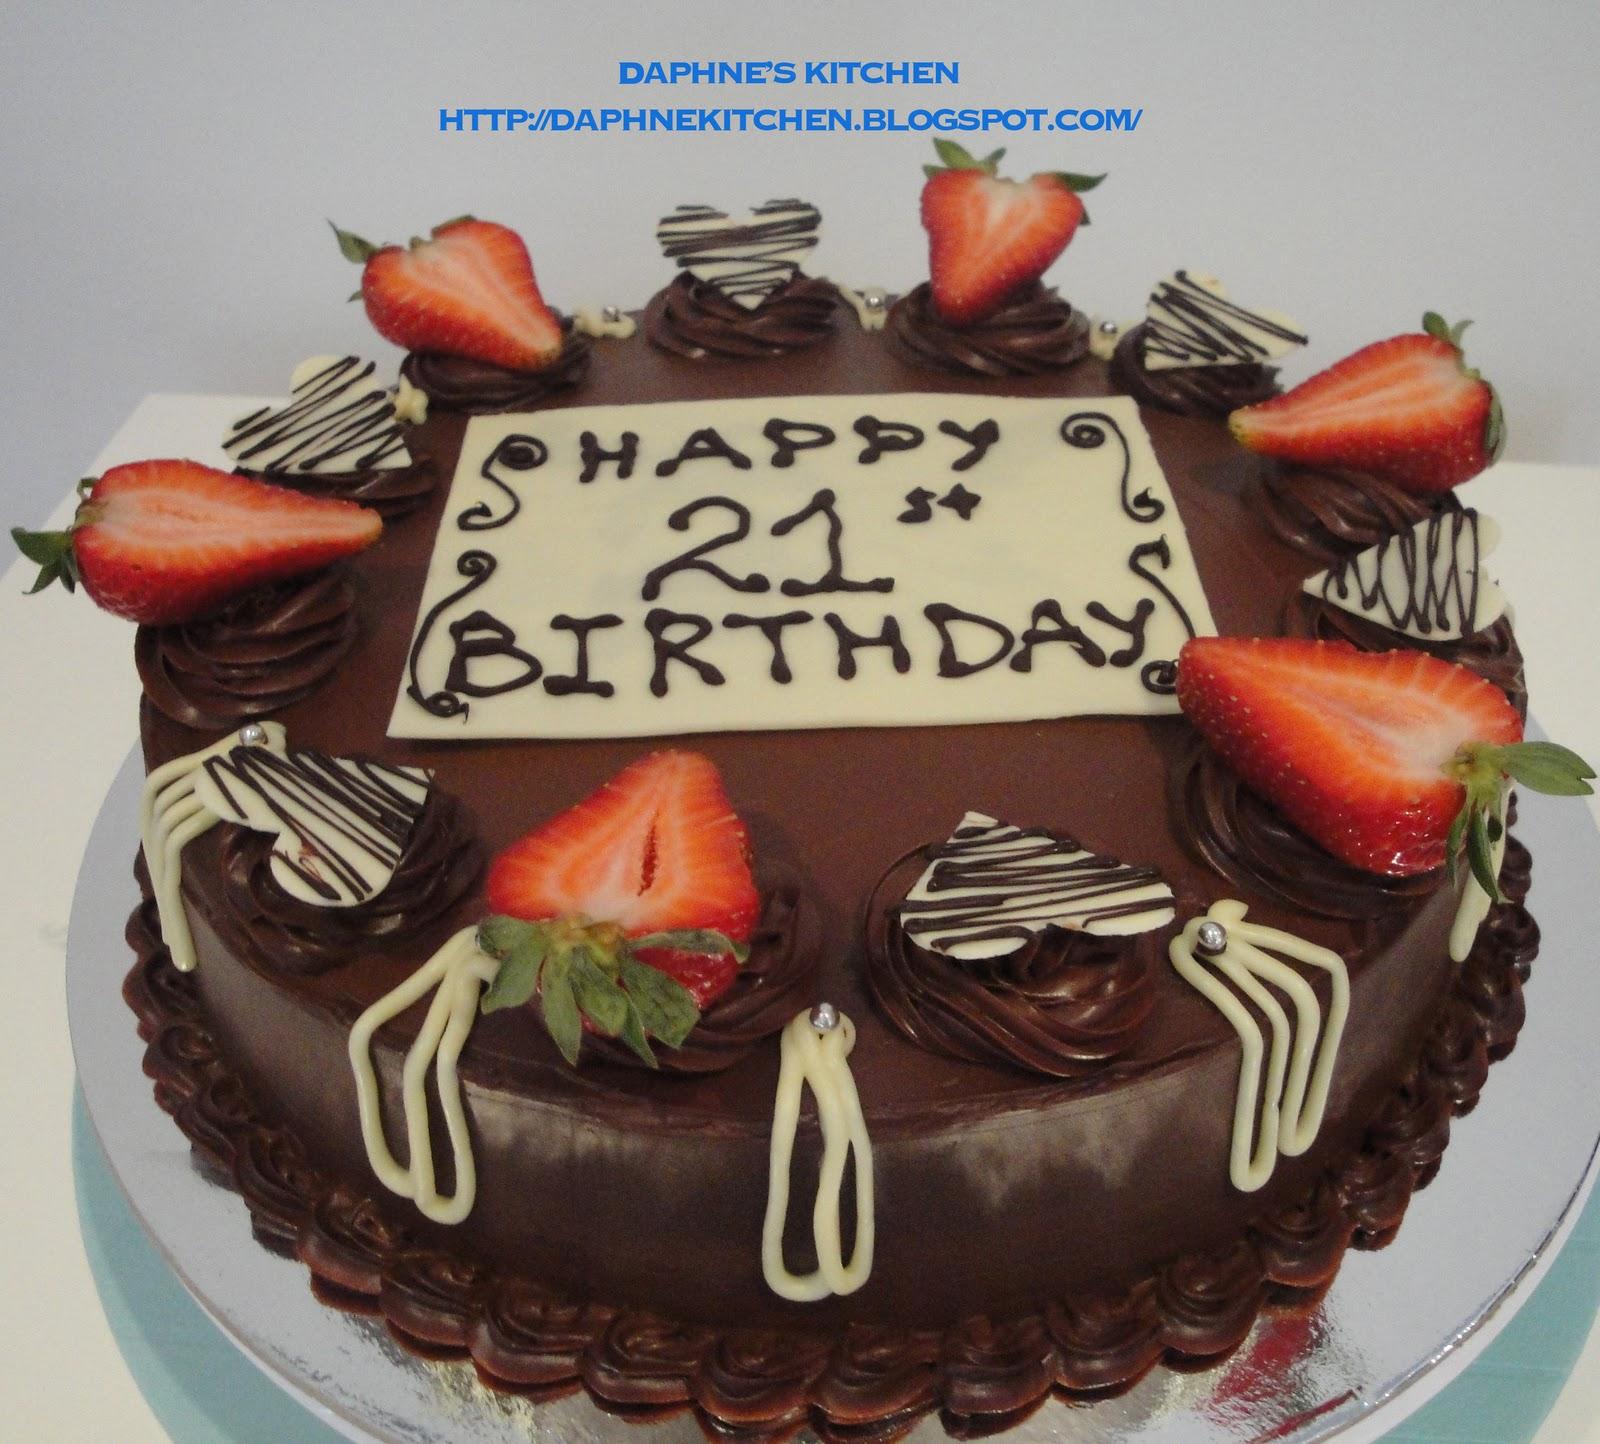 Daphnes Kitchen Dark Chocolate Cake For Her 21st